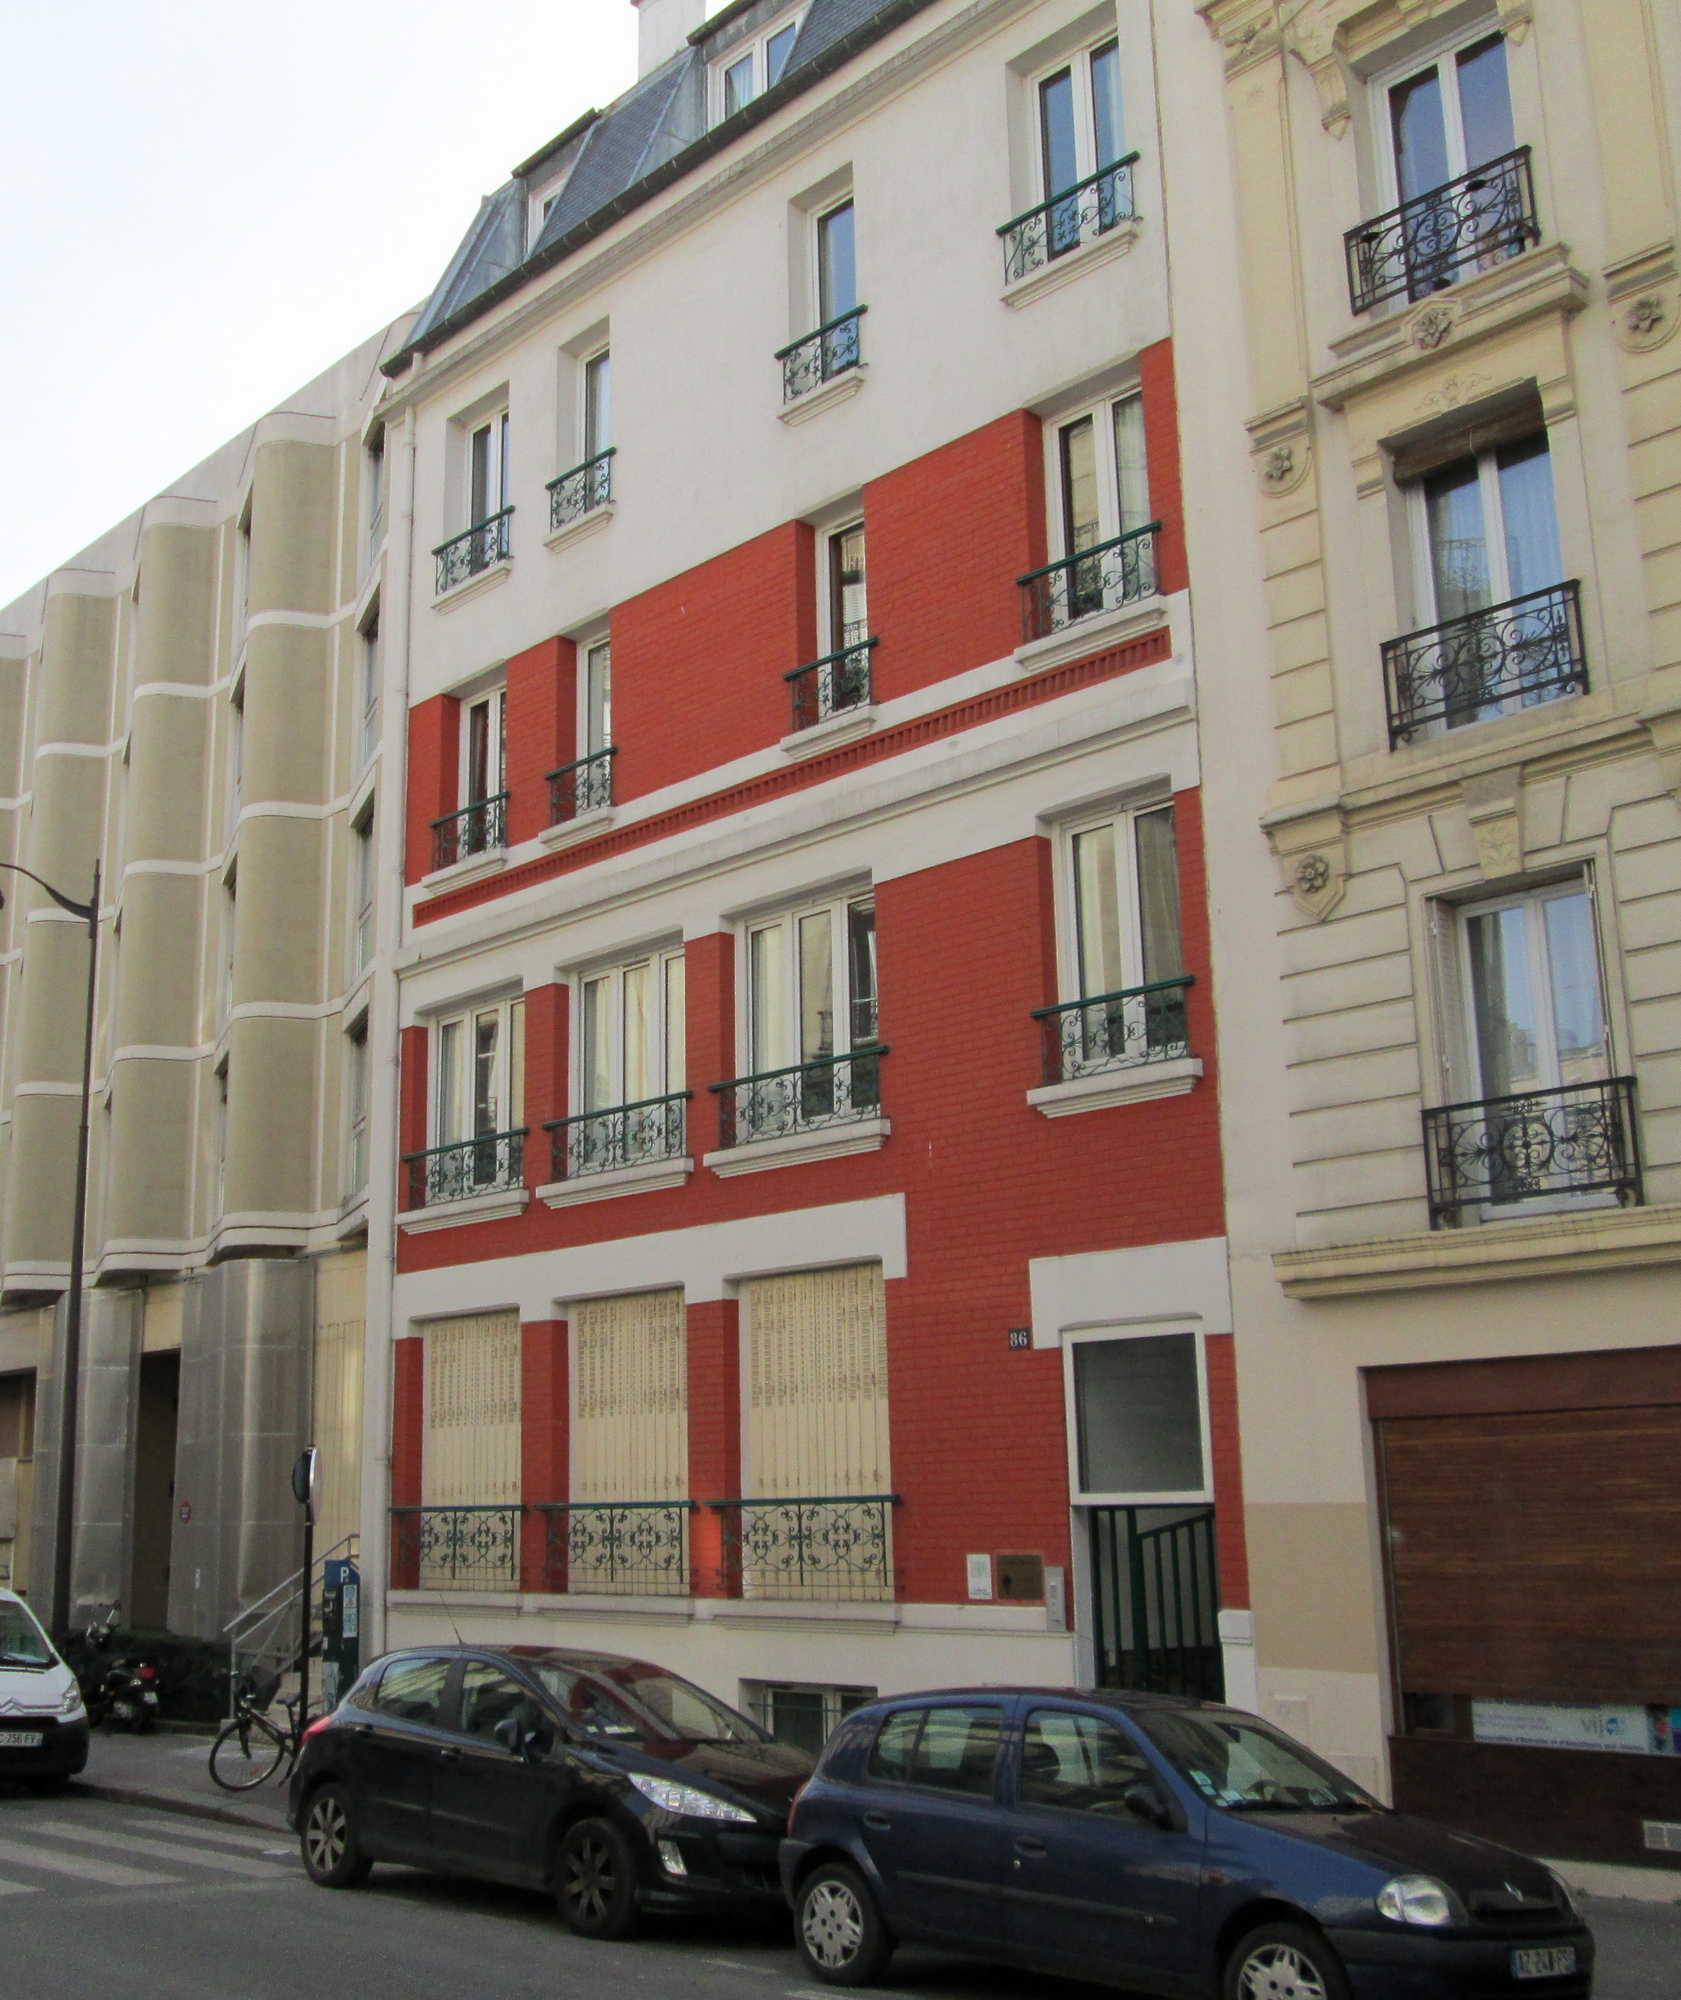 Hotel Foyer Le Pont Paris : Bilder und gedanken matthias jung